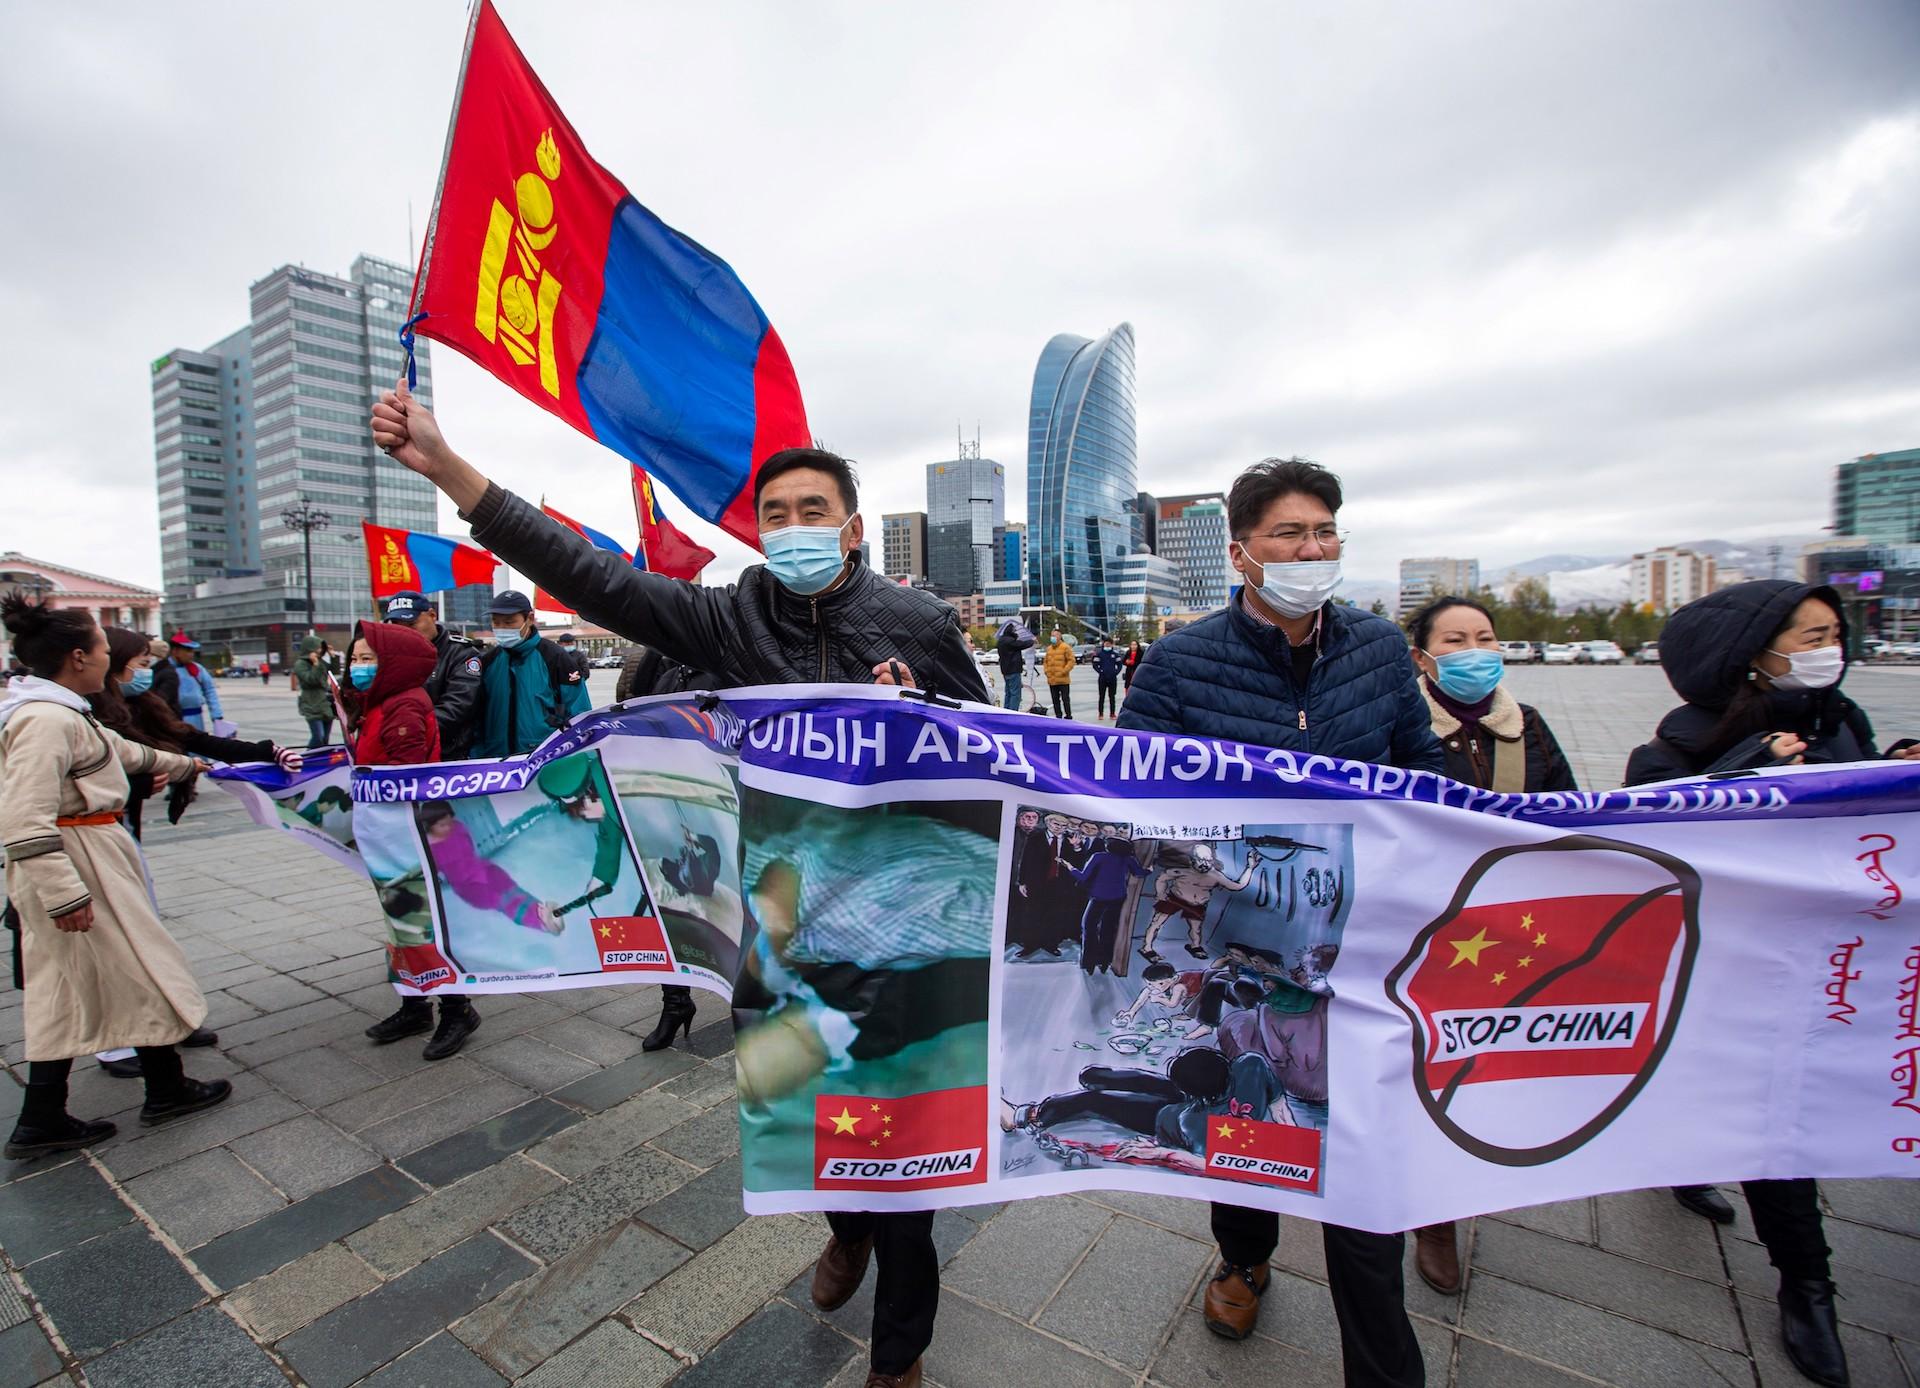 MONGOLIA-CHINA-DIPLOMACY-RIGHTS